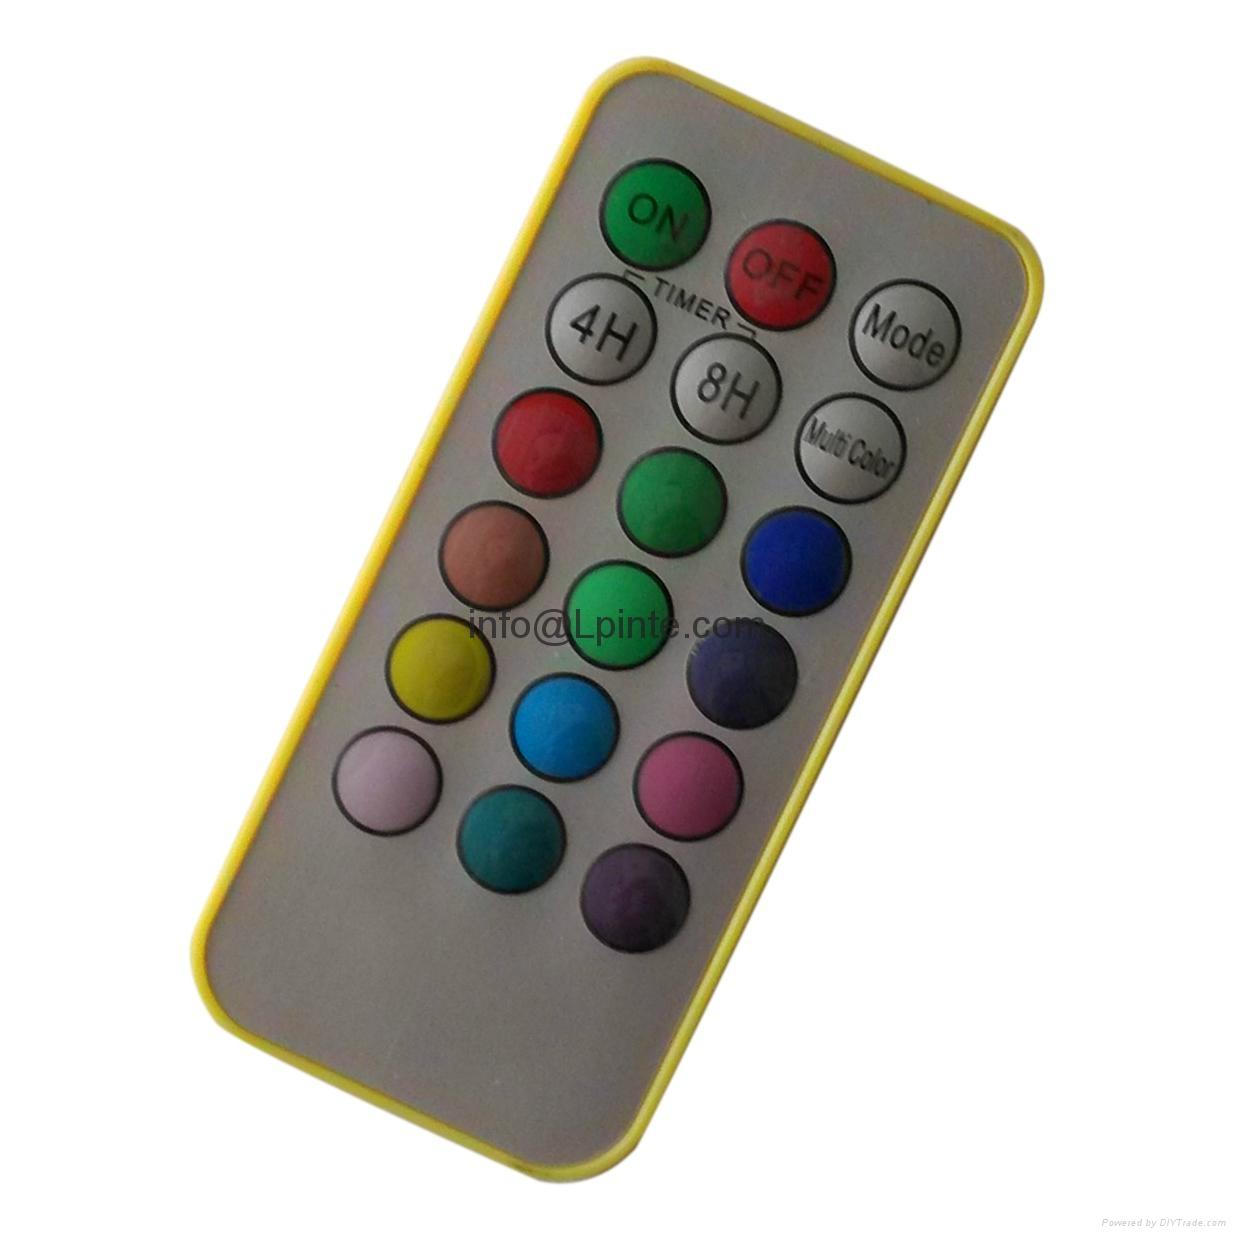 ipod remote control afstandsbediening Fernbedienung LPI-M21 auto parts 1